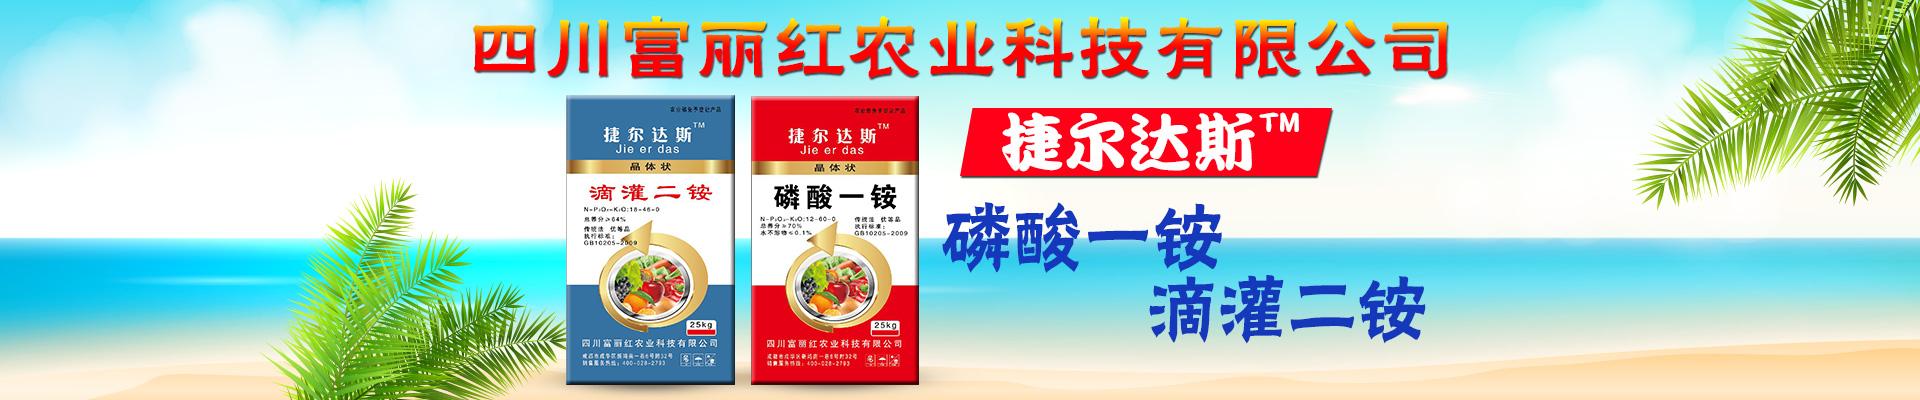 四川富丽红农业科技有限公司